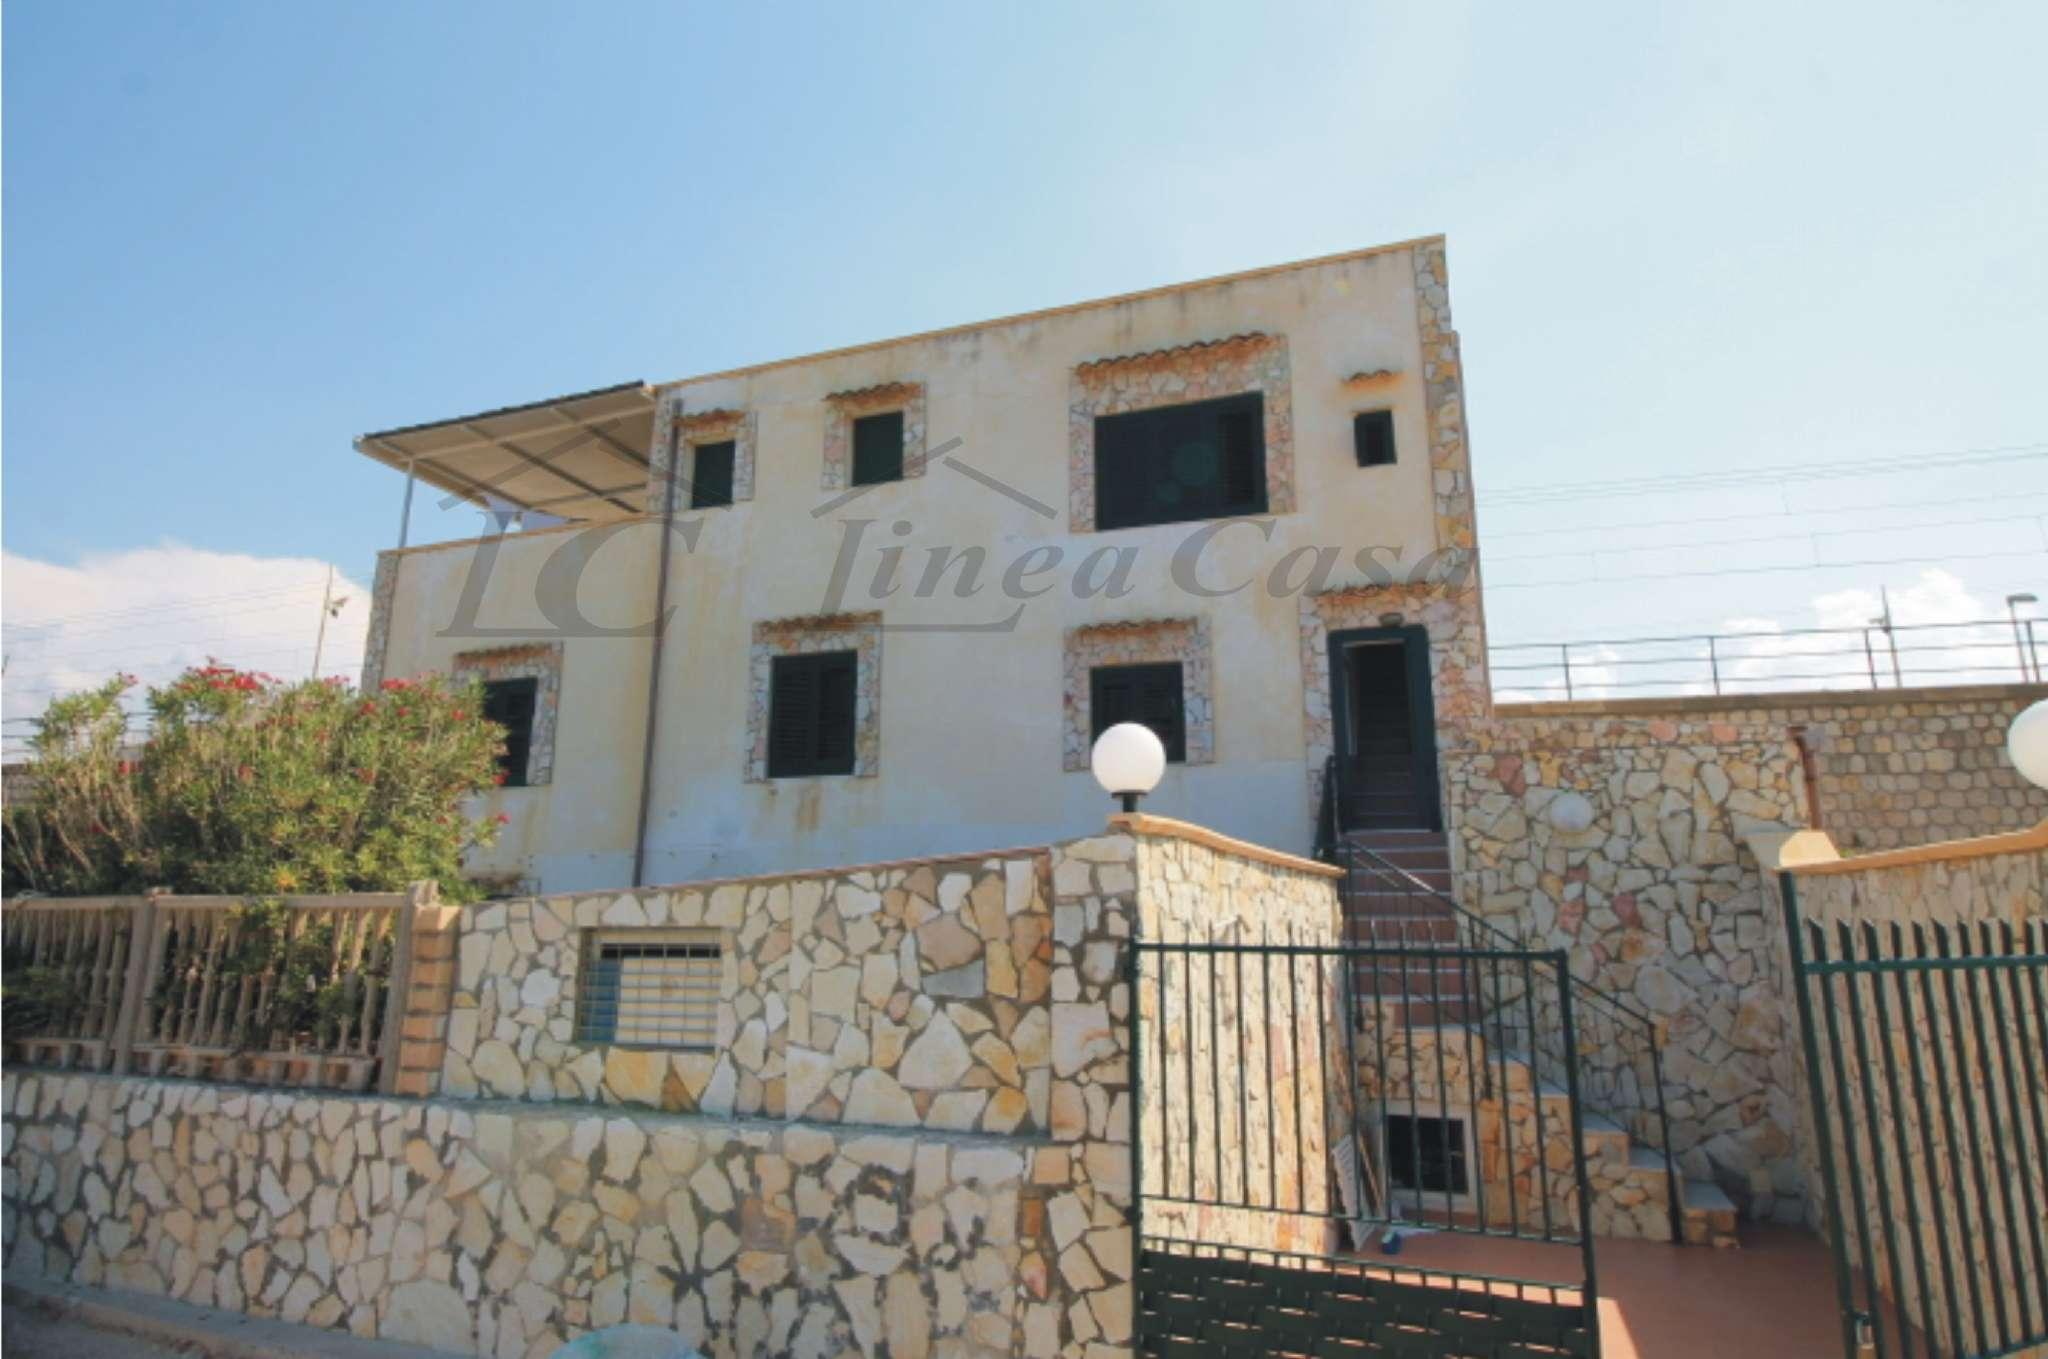 Appartamento in vendita a Altavilla Milicia, 2 locali, prezzo € 75.000 | PortaleAgenzieImmobiliari.it